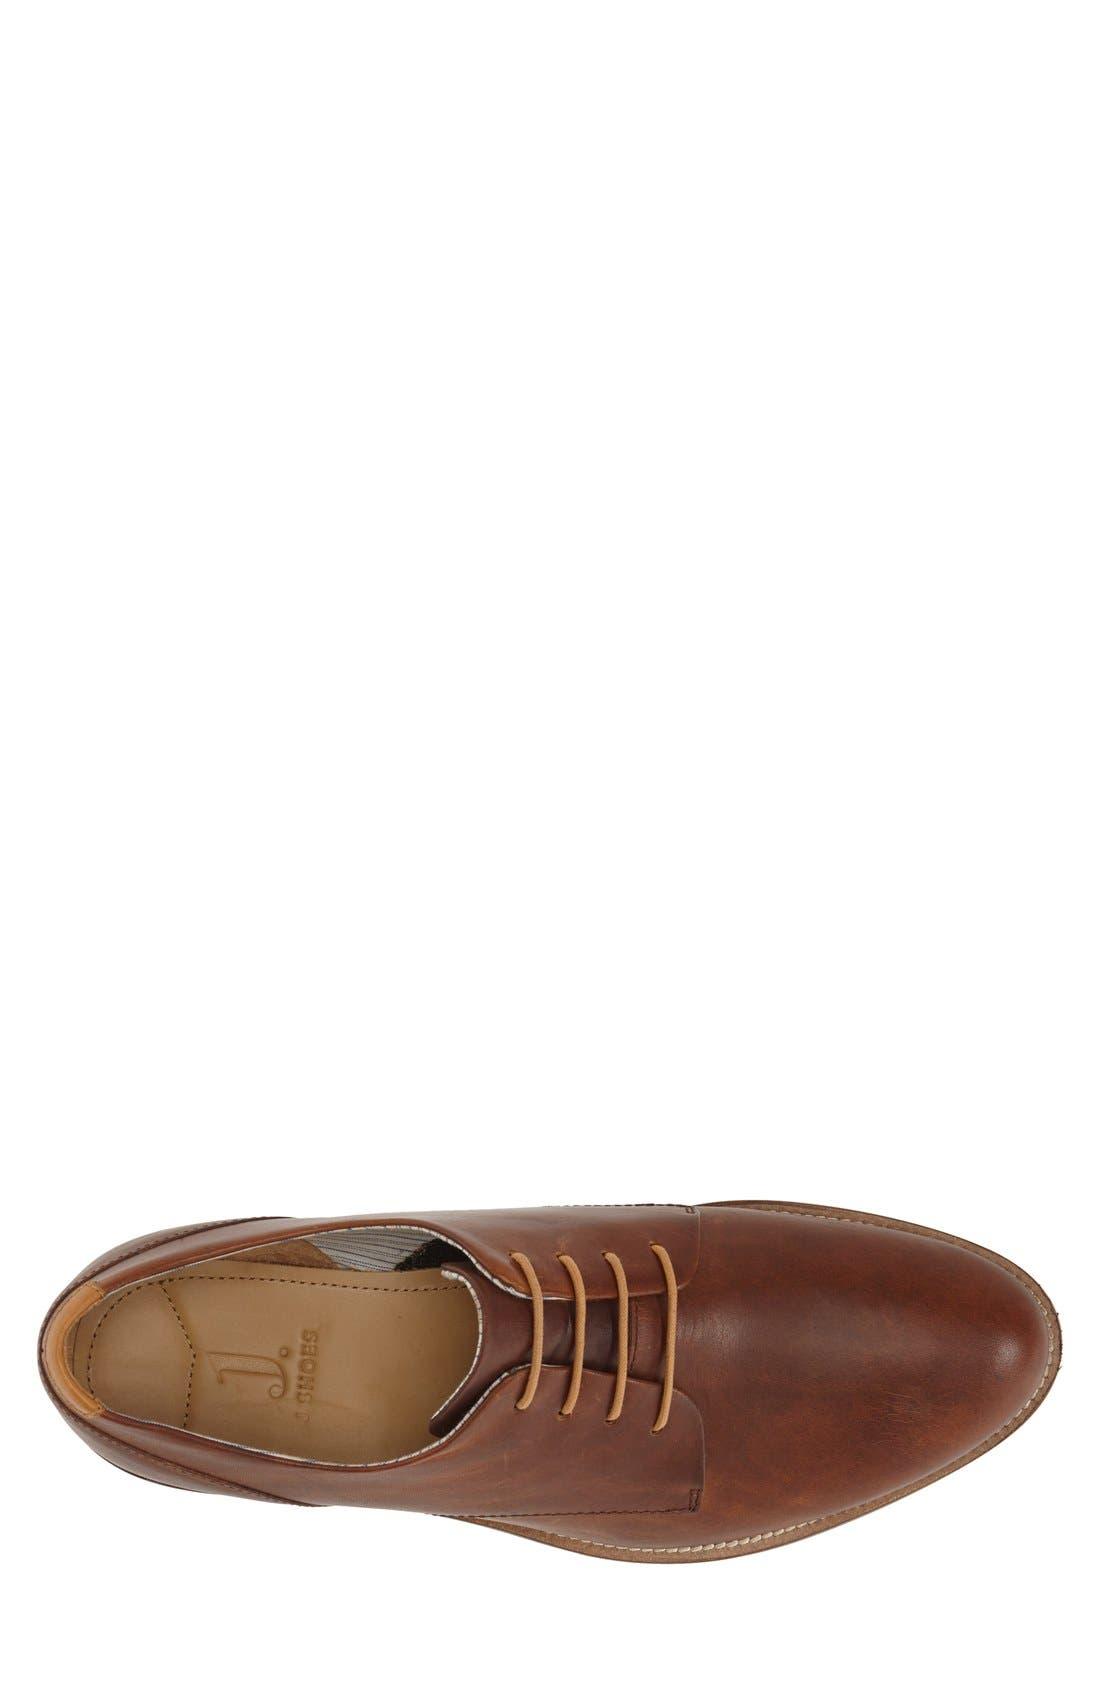 'William Plus' Plain Toe Derby,                             Alternate thumbnail 3, color,                             Brass